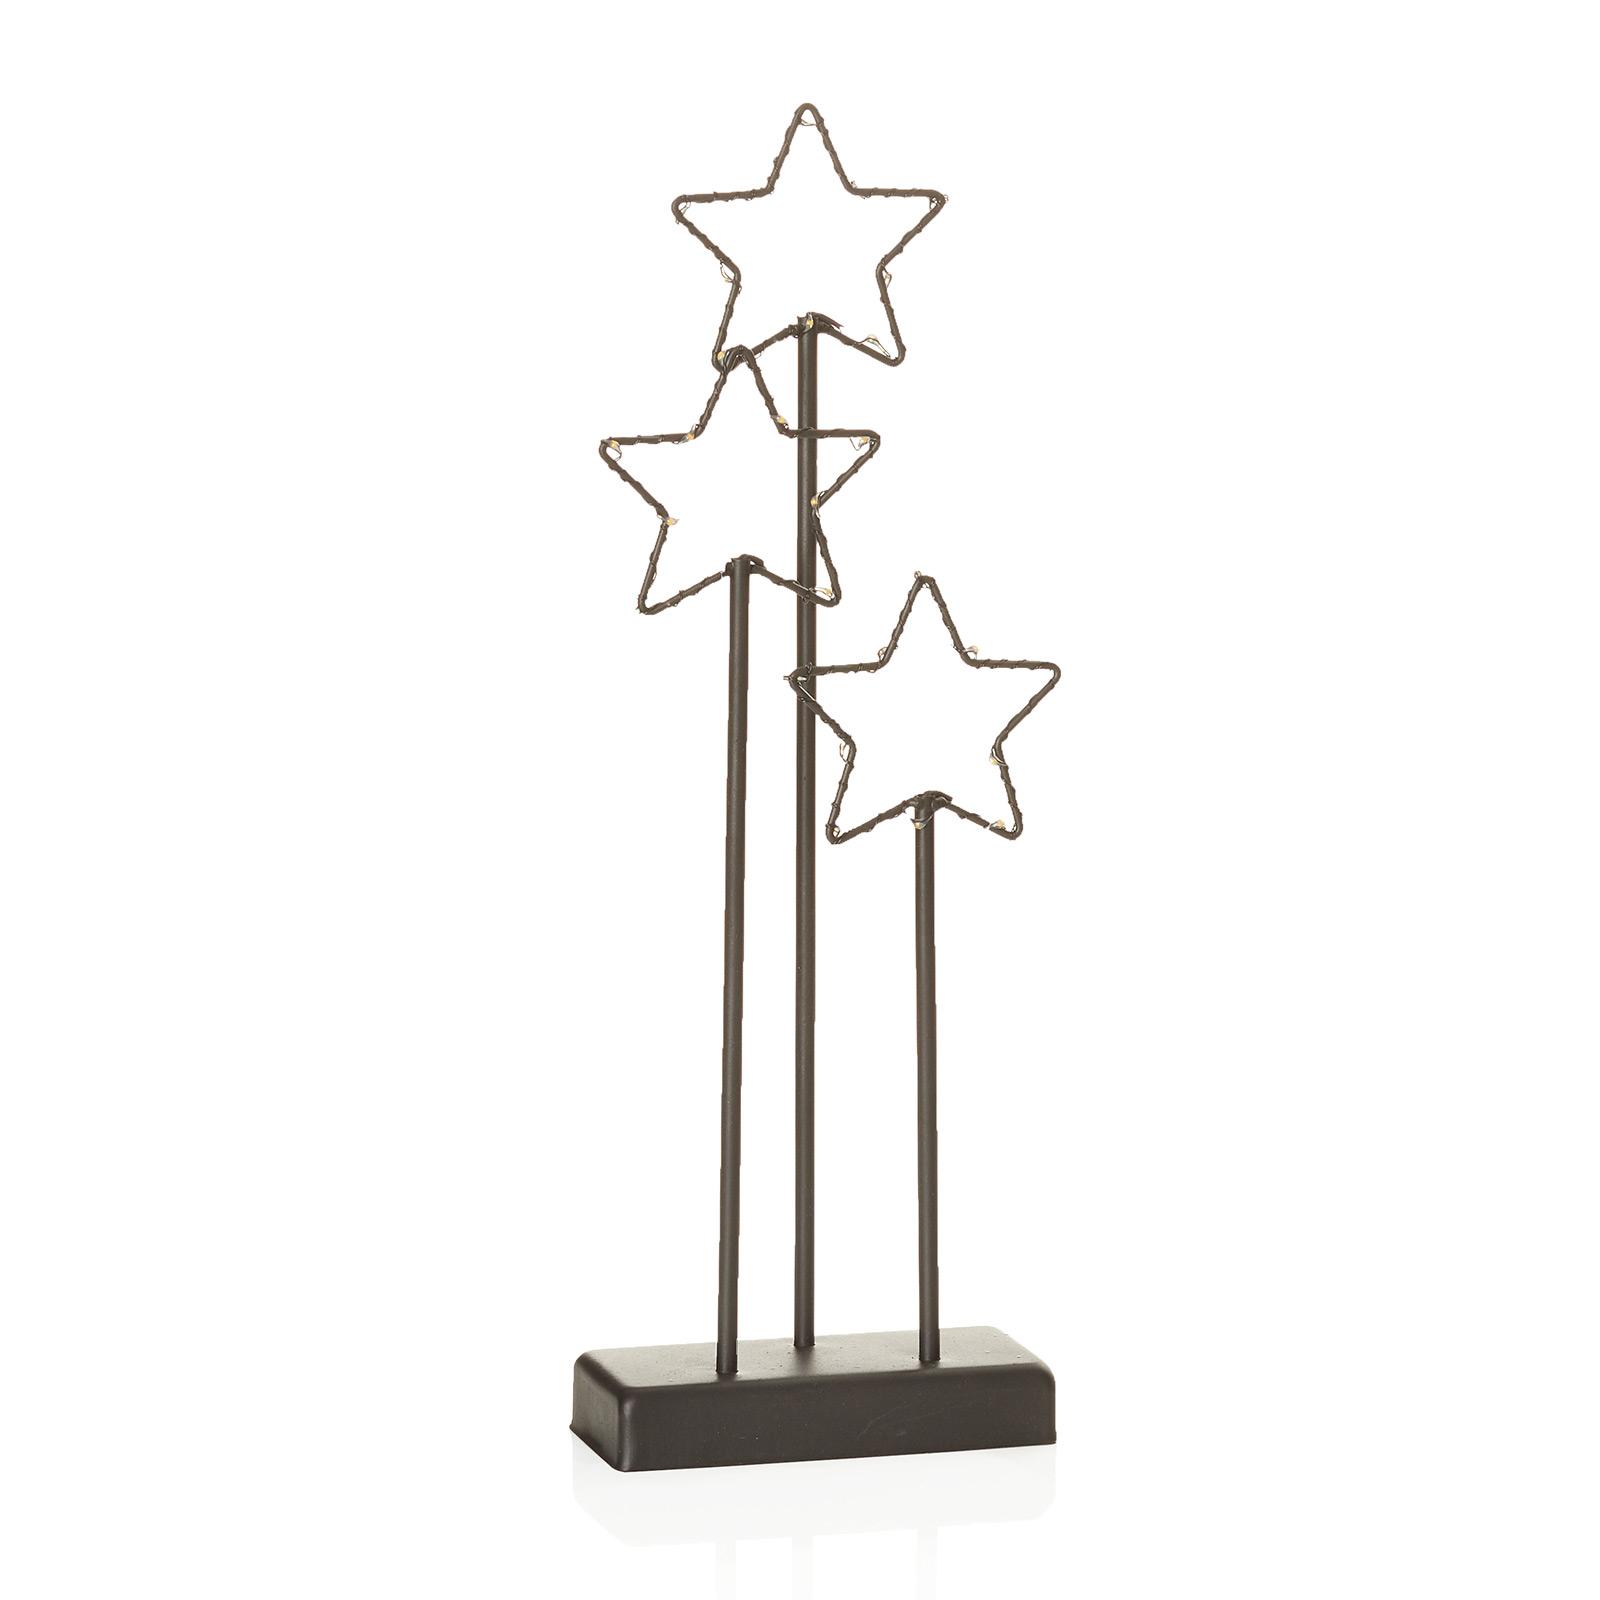 Lampe déco LED 3 étoiles Stary noire